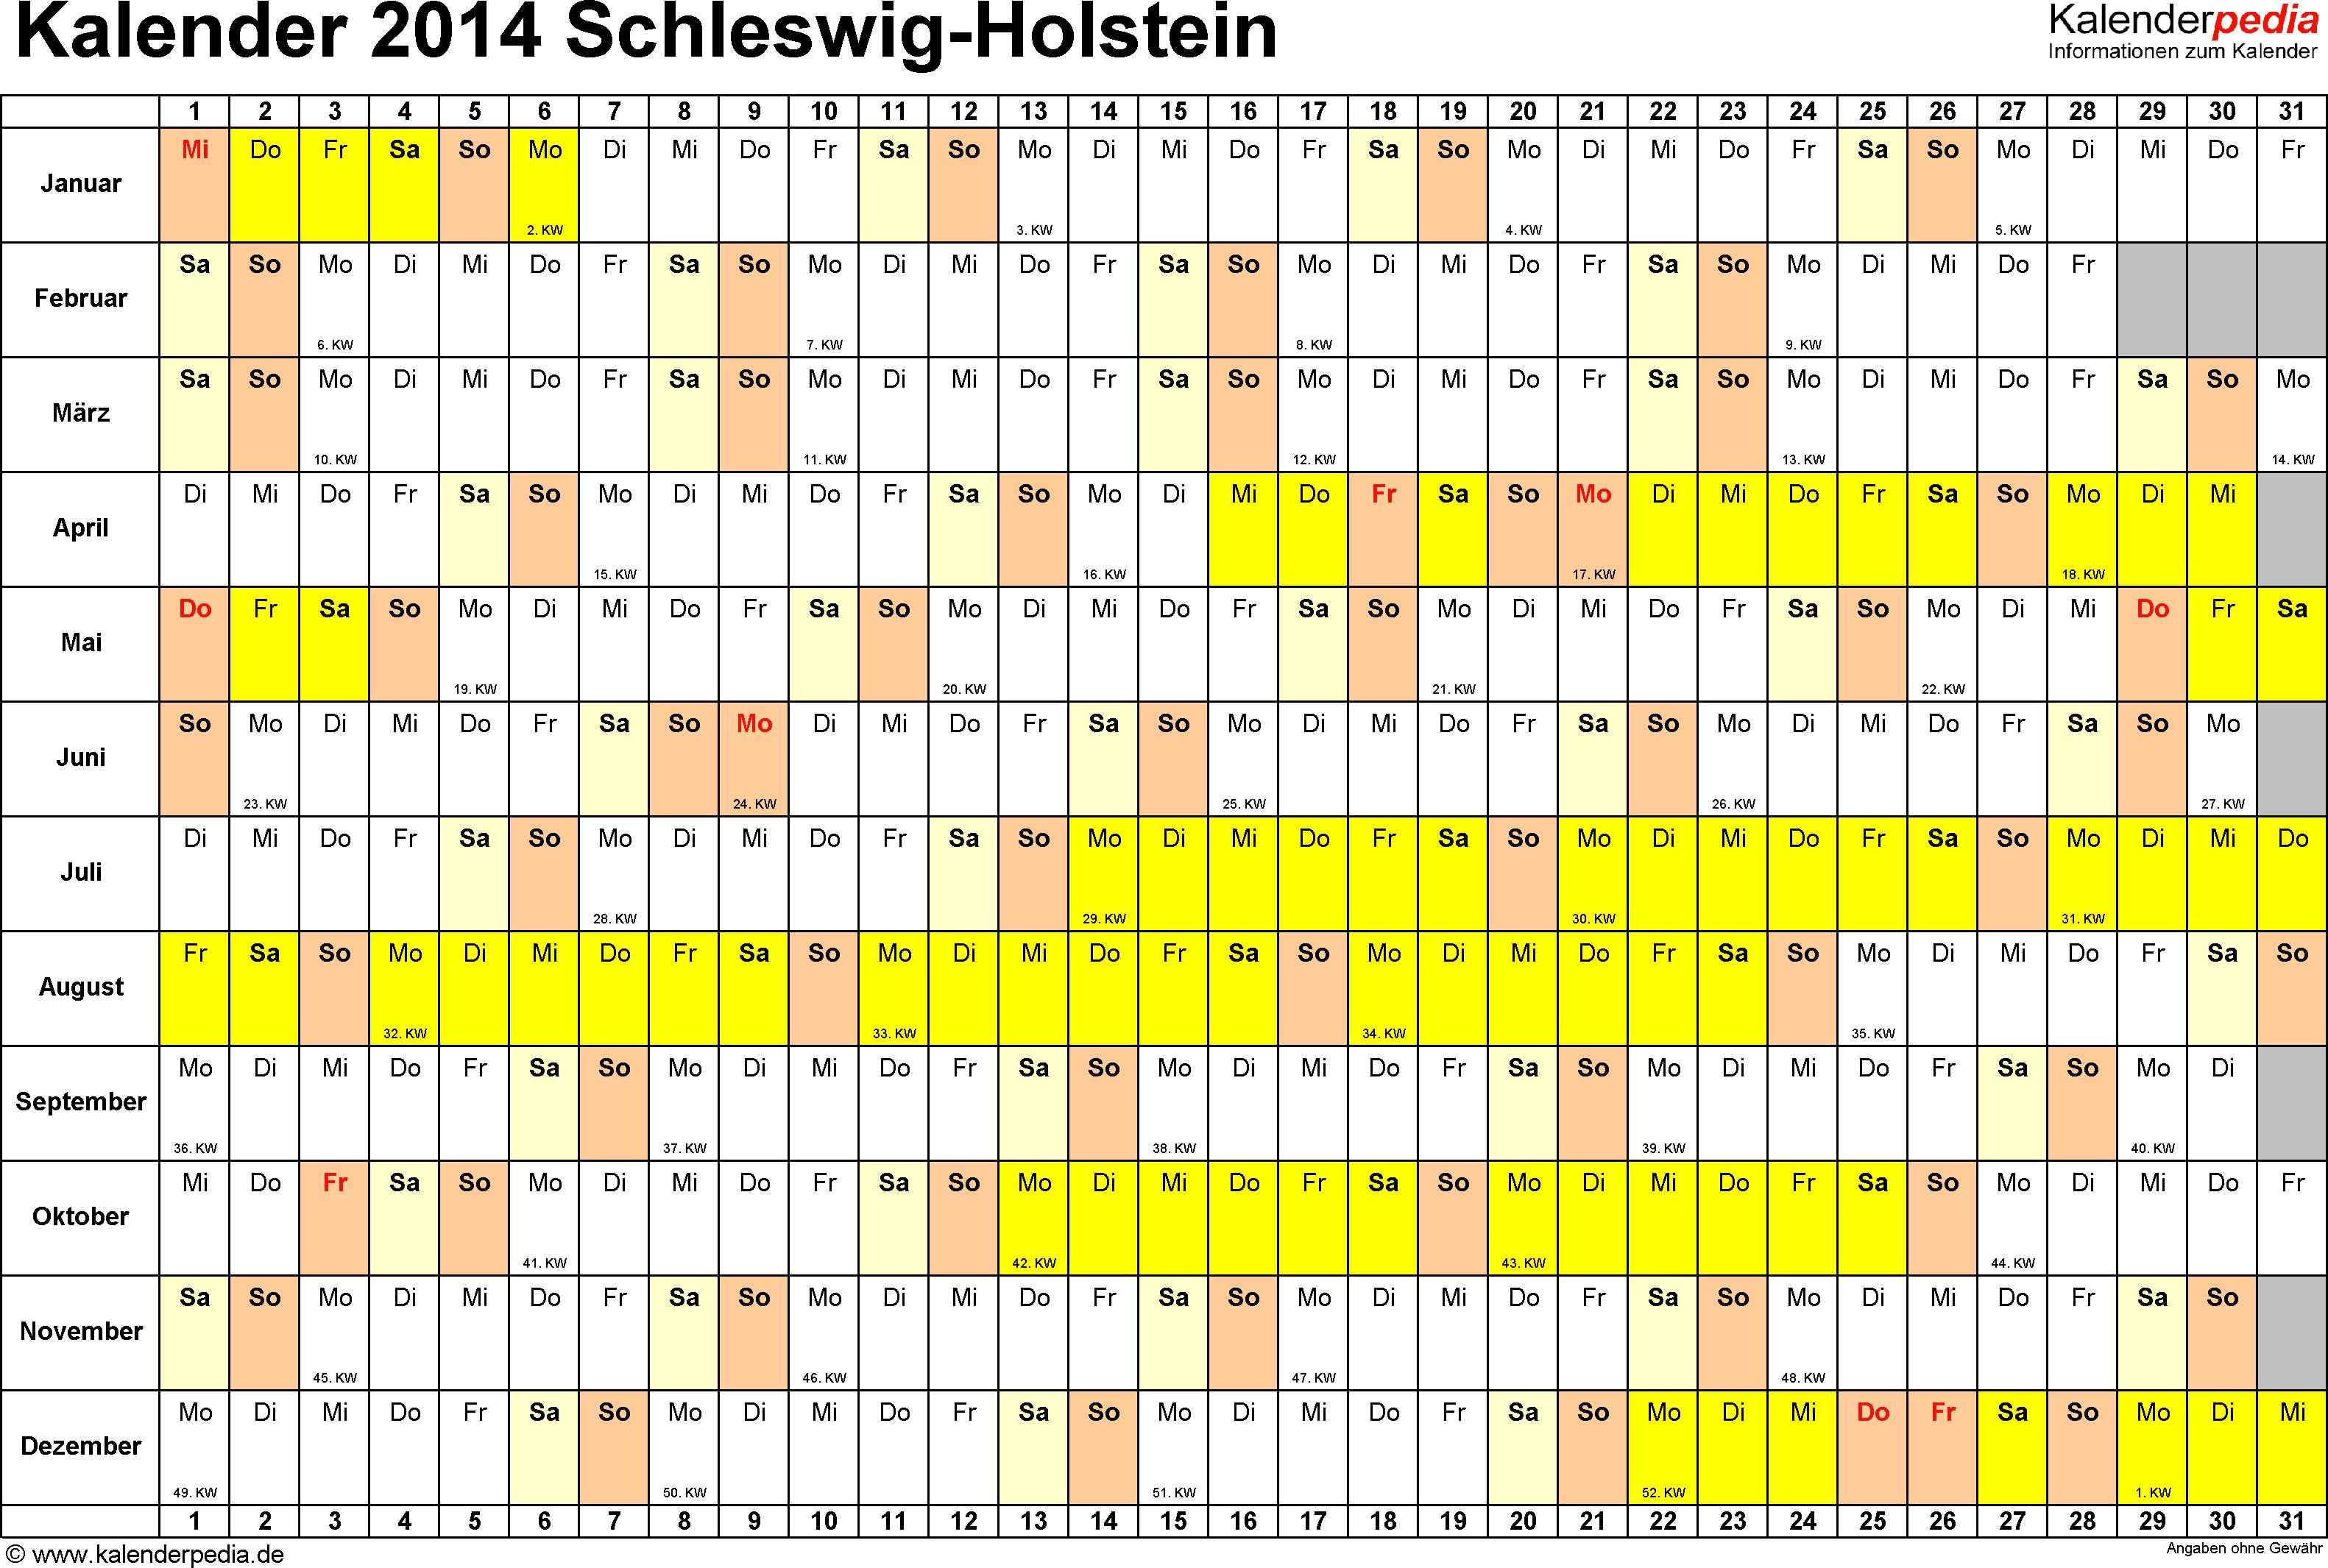 Vorlage 3: Kalender Schleswig-Holstein 2014 im Querformat, Tage nebeneinander